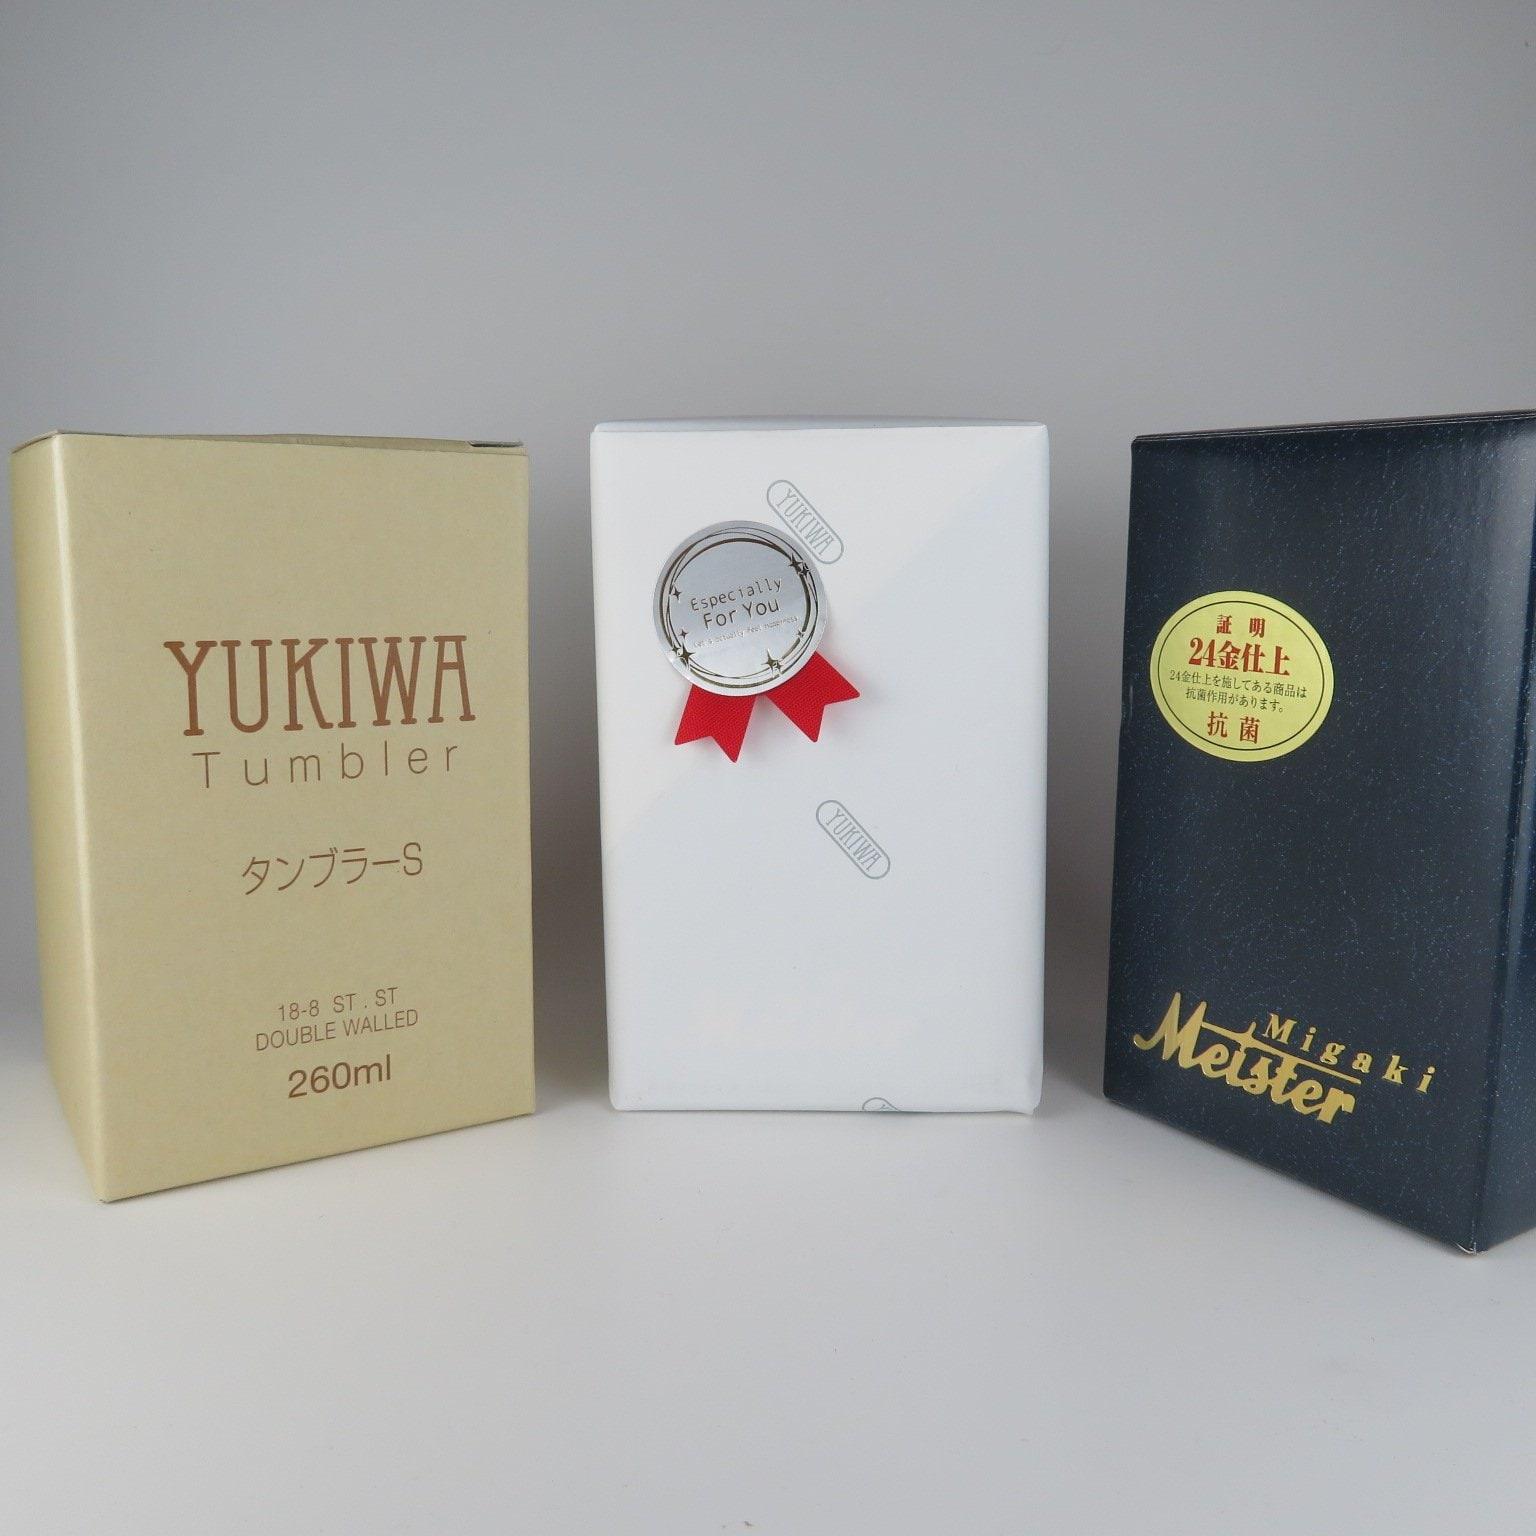 化粧箱とプレゼント包装の様子